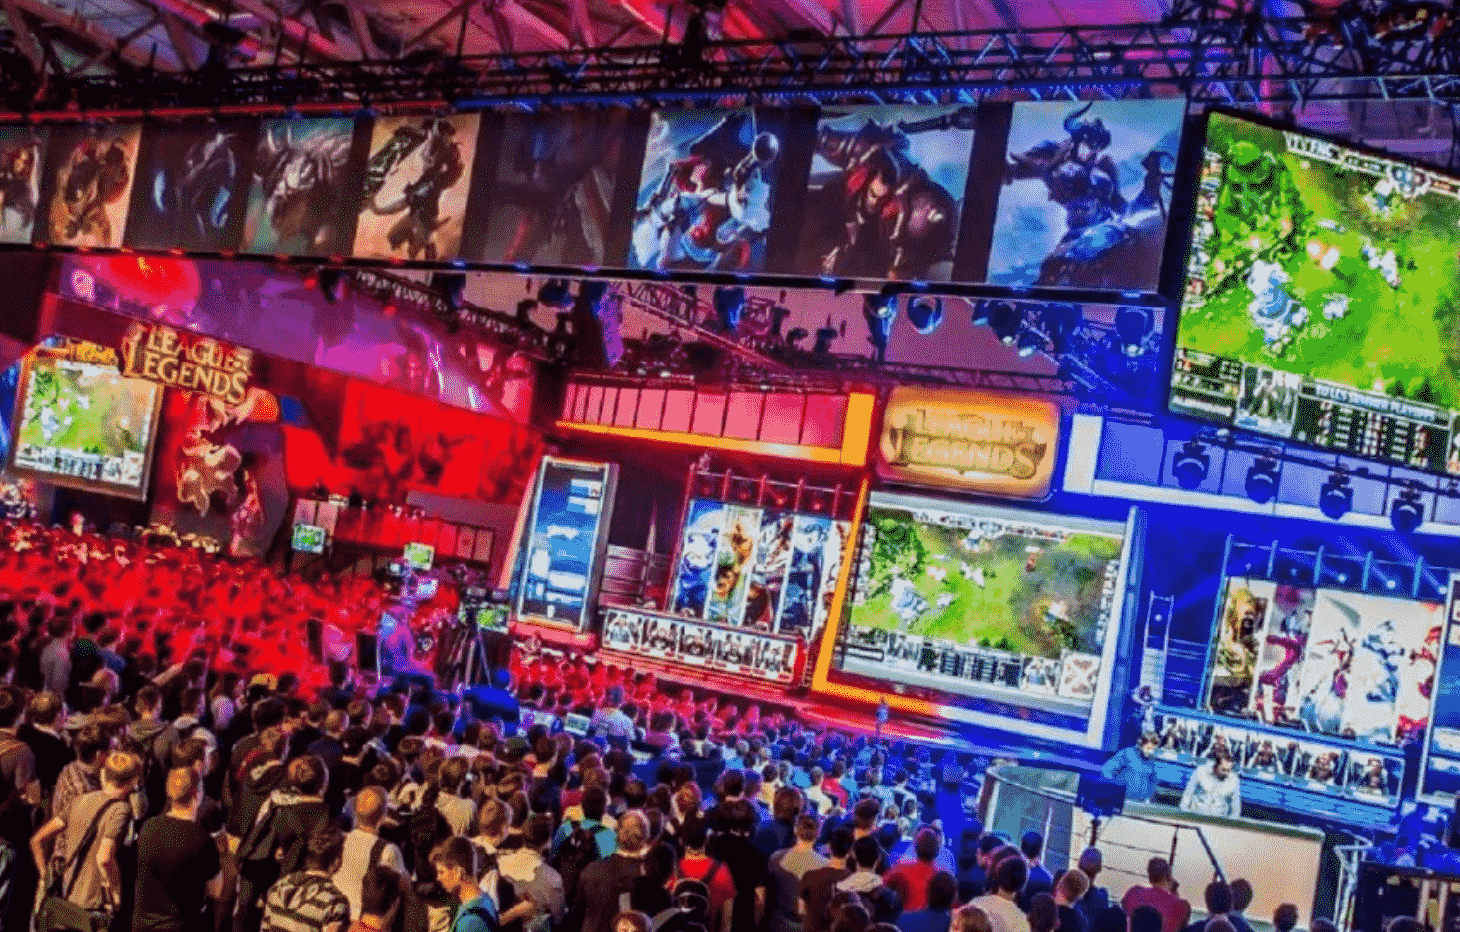 ВГермании запретили массовые мероприятия. gamescom 2020 небудет?